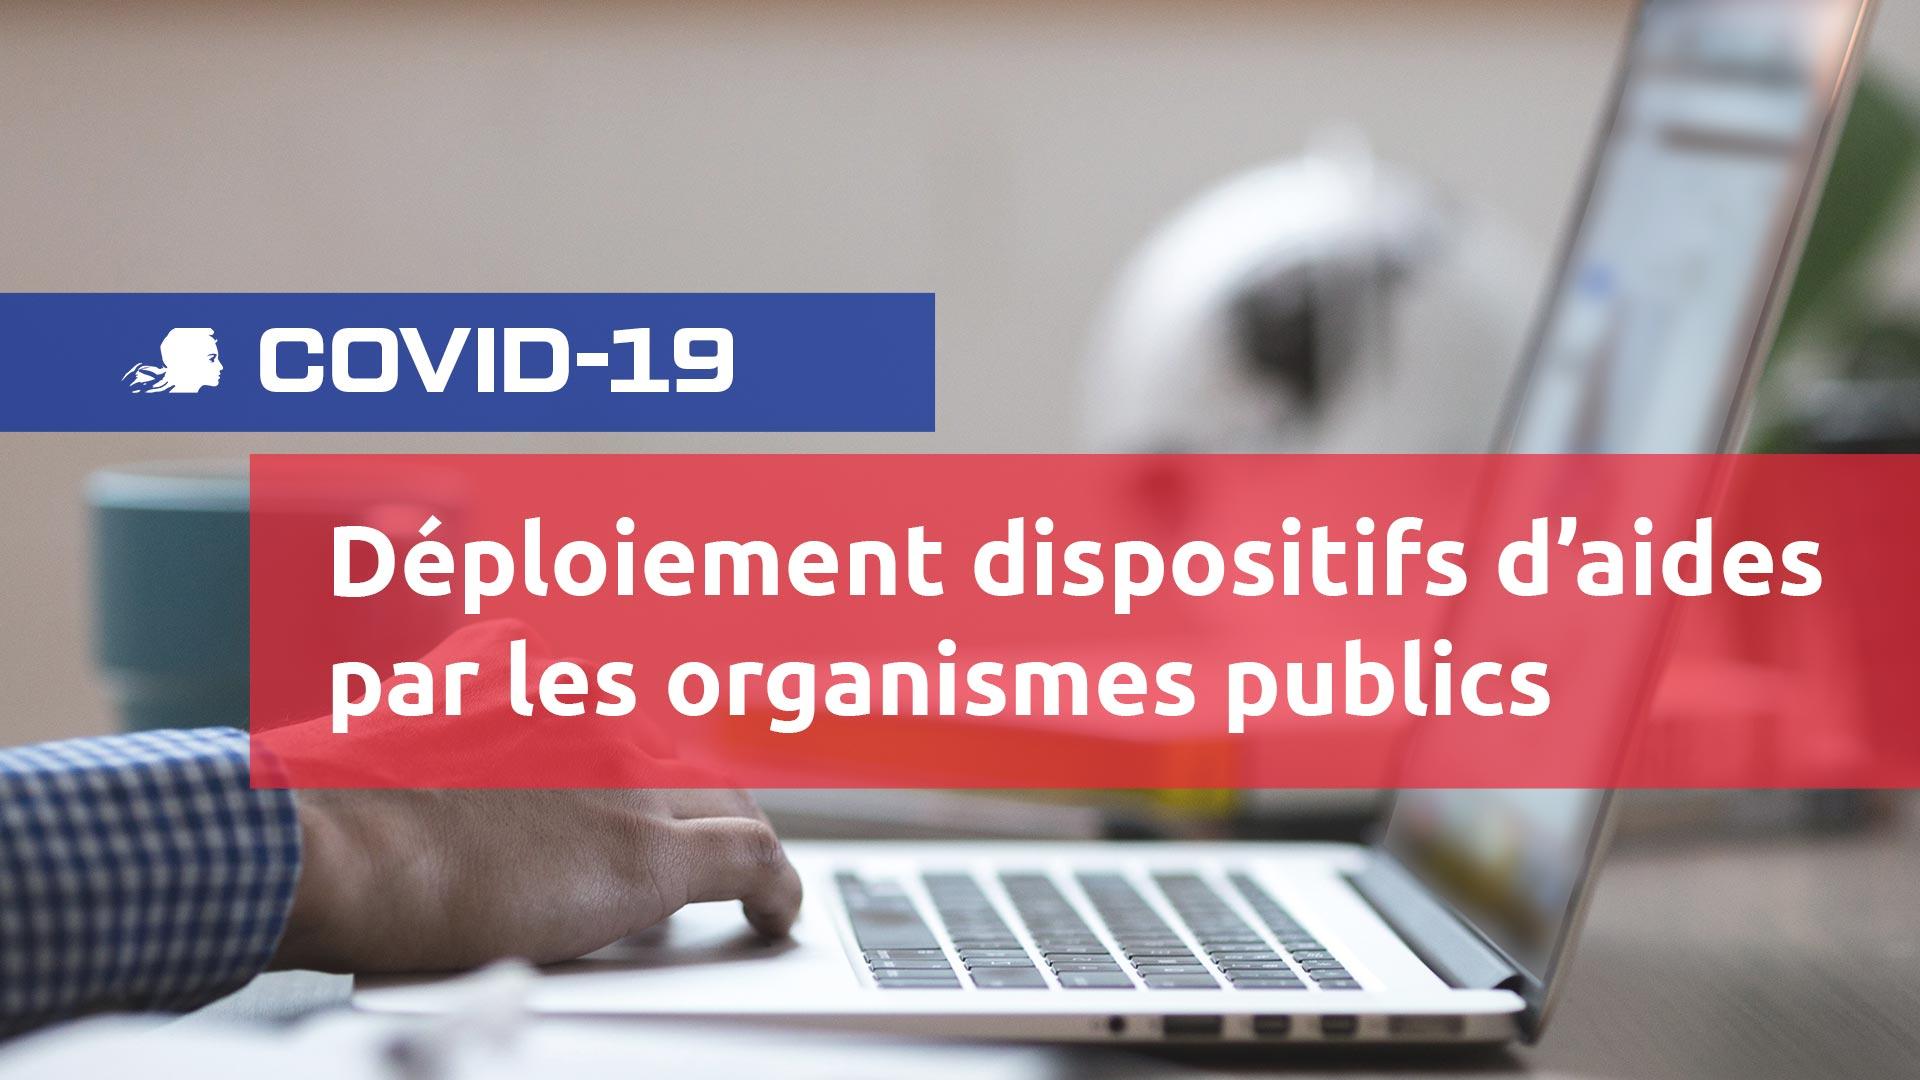 MGDIS-Covid19-deploiement-dispositif-d-aides-par-les-organismes-publics